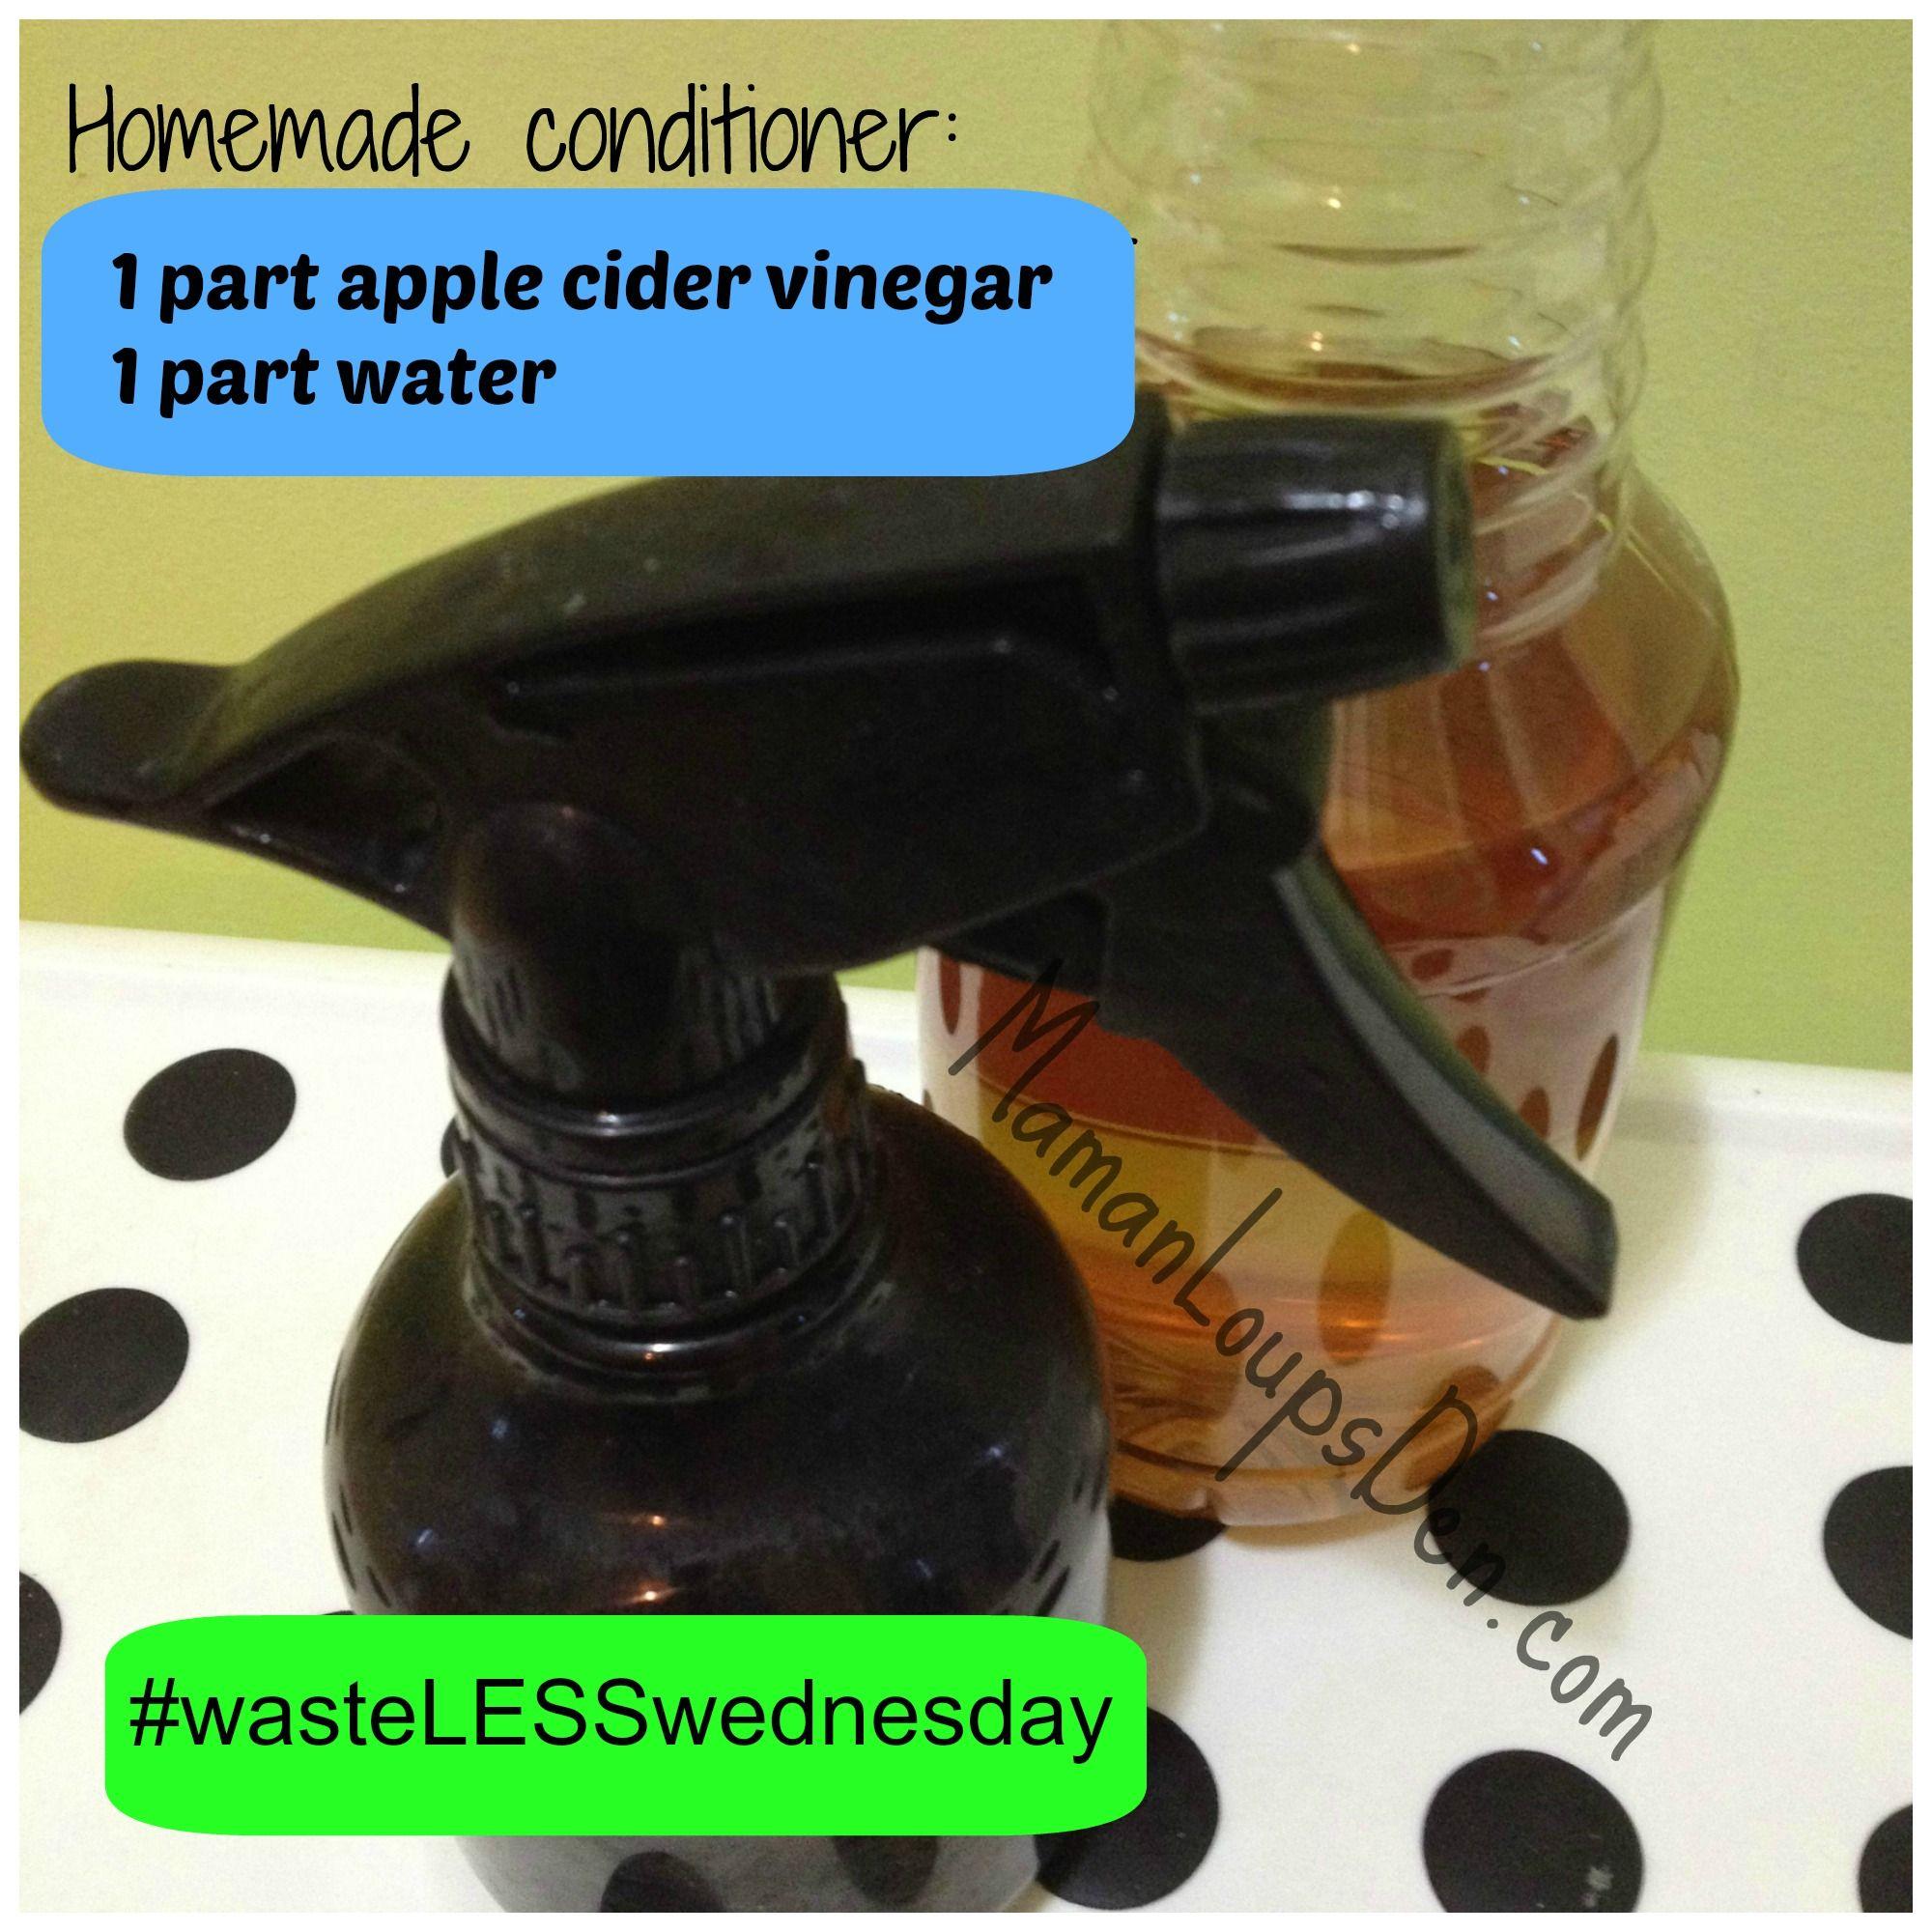 Apple Cider Vinegar Conditioner wasteLESSwednesday